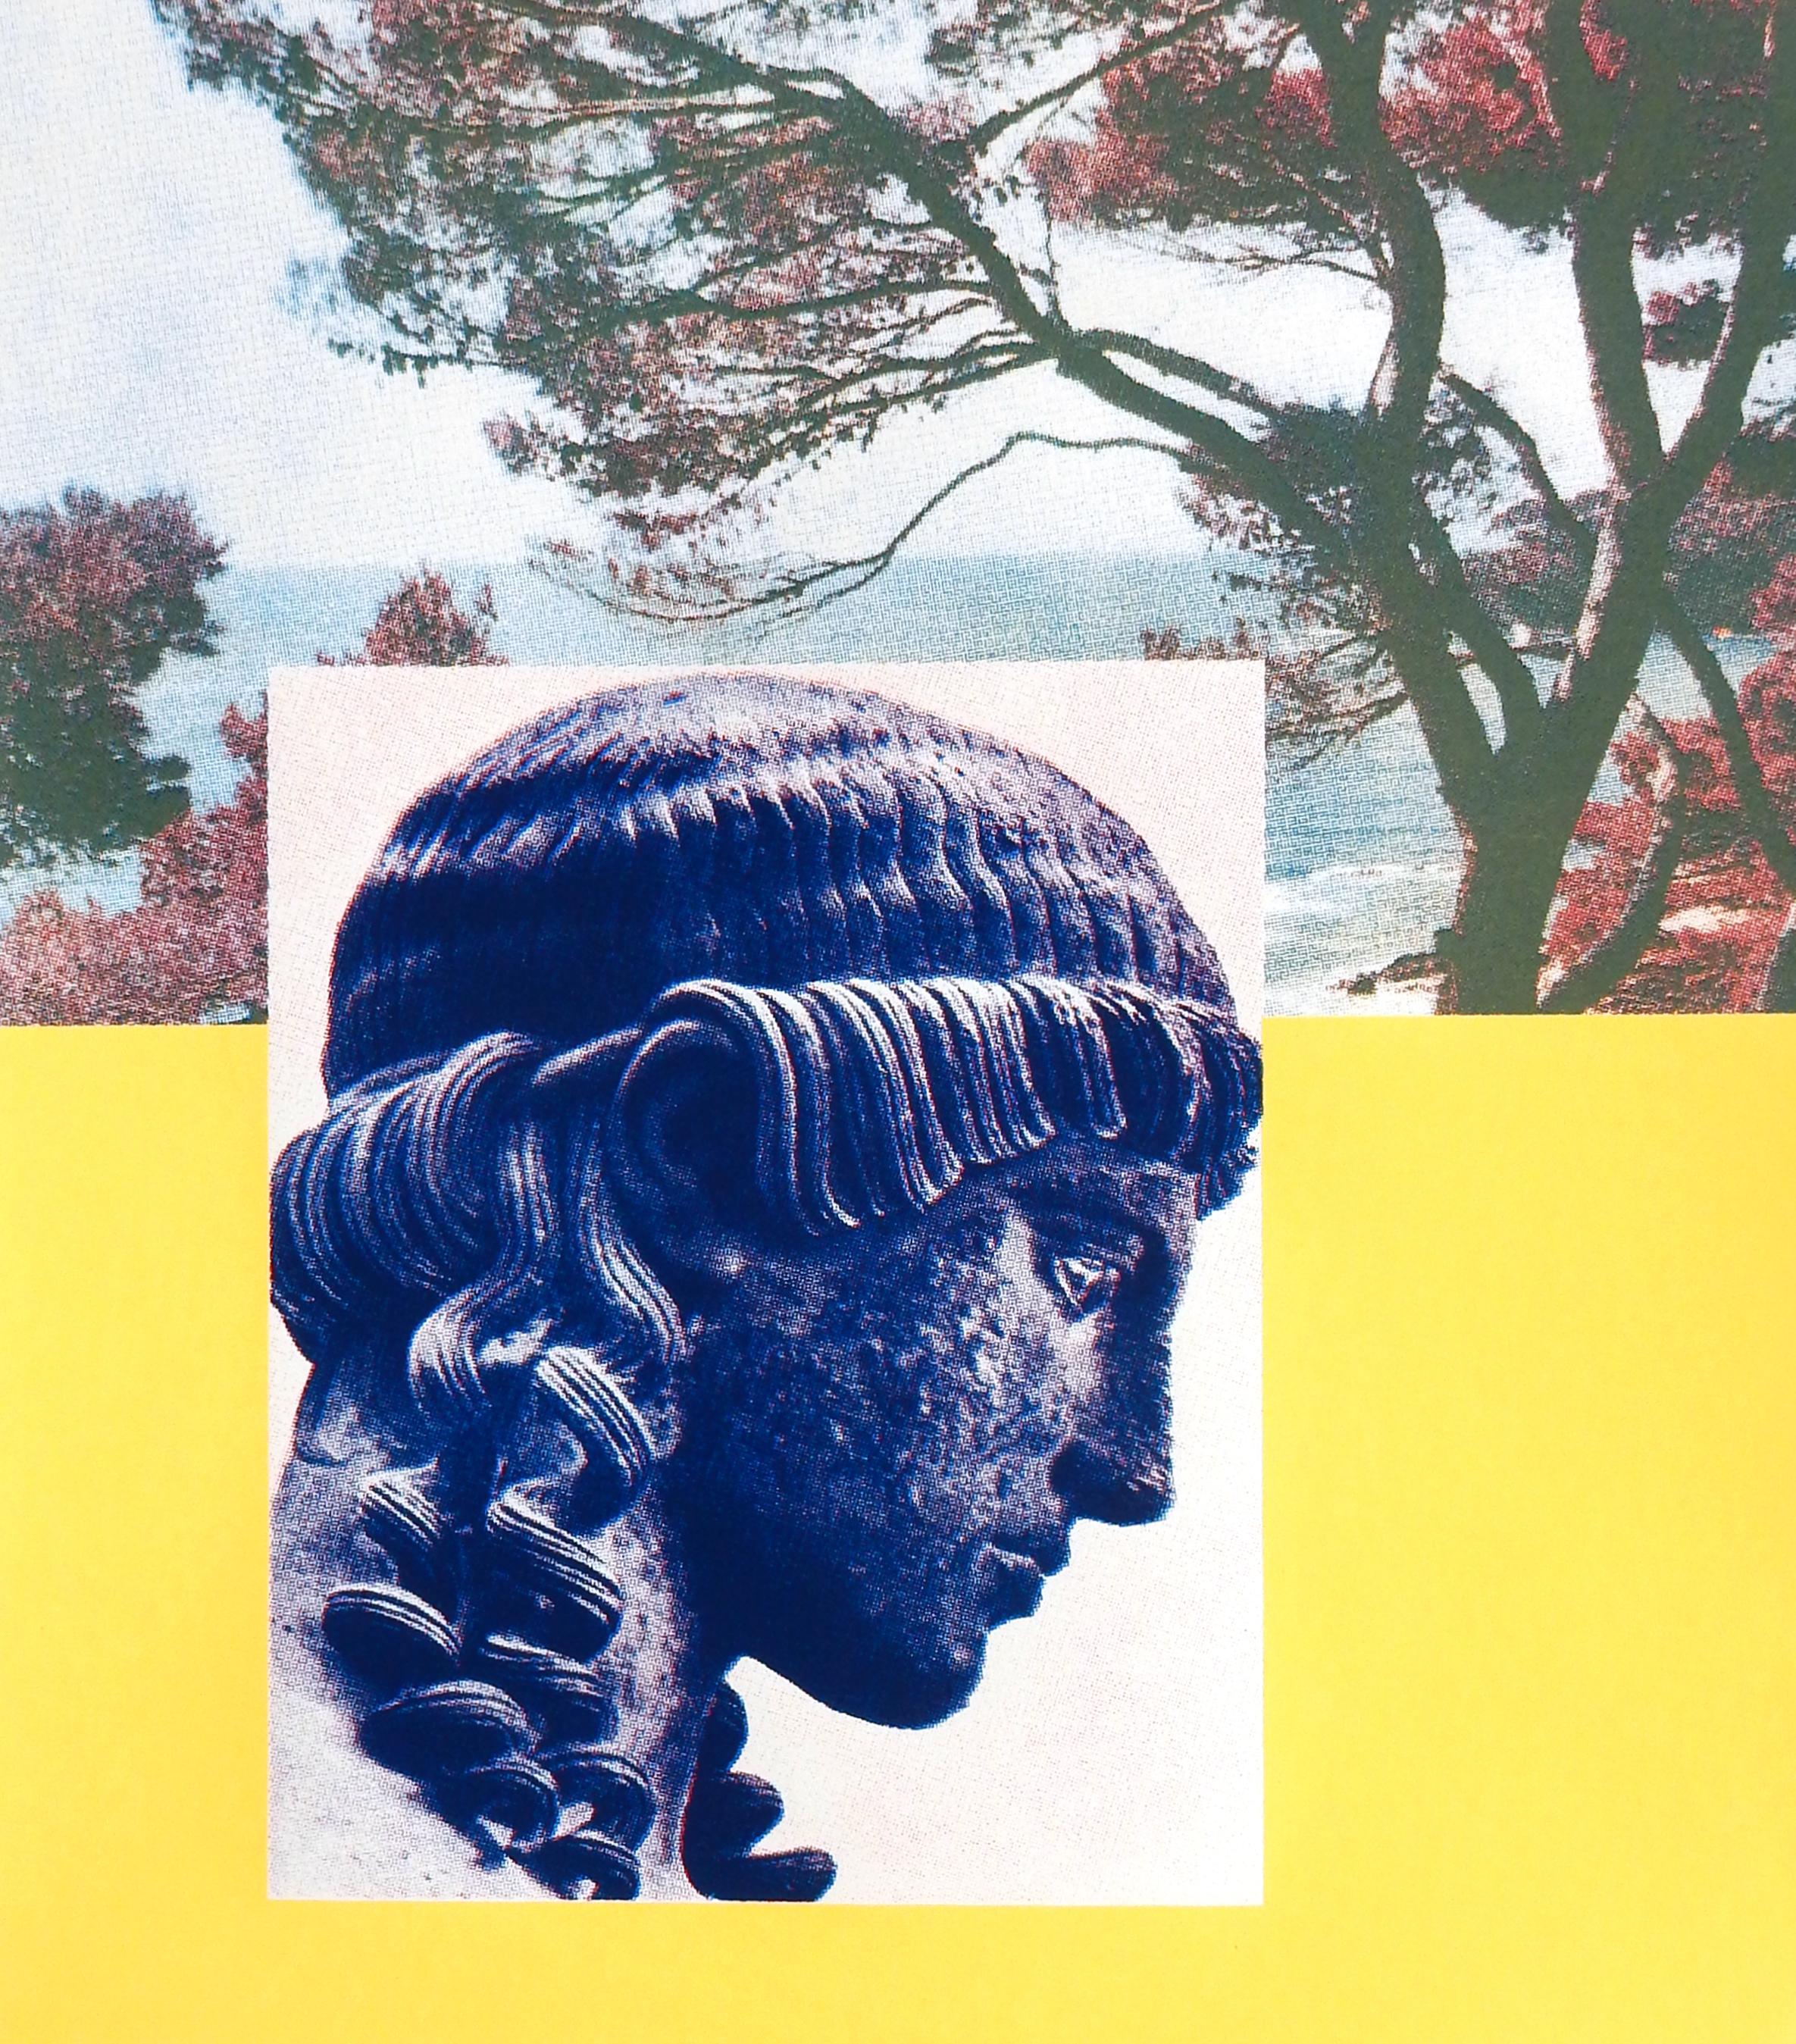 Coraline de Chiara,  Pierre bleue , 2017. Sérigraphie tirée à 25 exemplaires, 29,7 cm x 42 cm